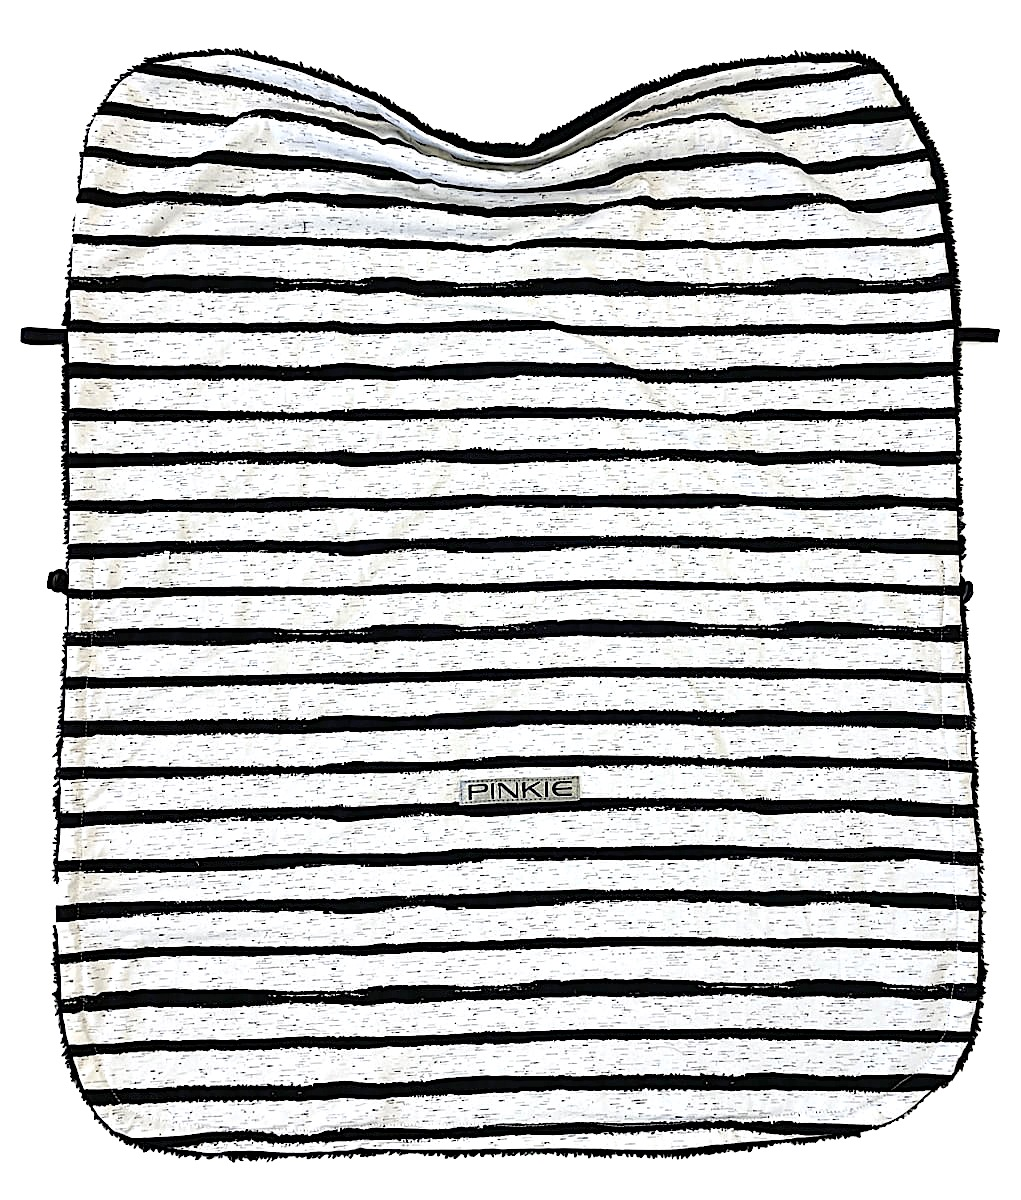 kliknutít zobrazíte maximální velikost obrázku Zubindbare Decke Pinkie Stripe White